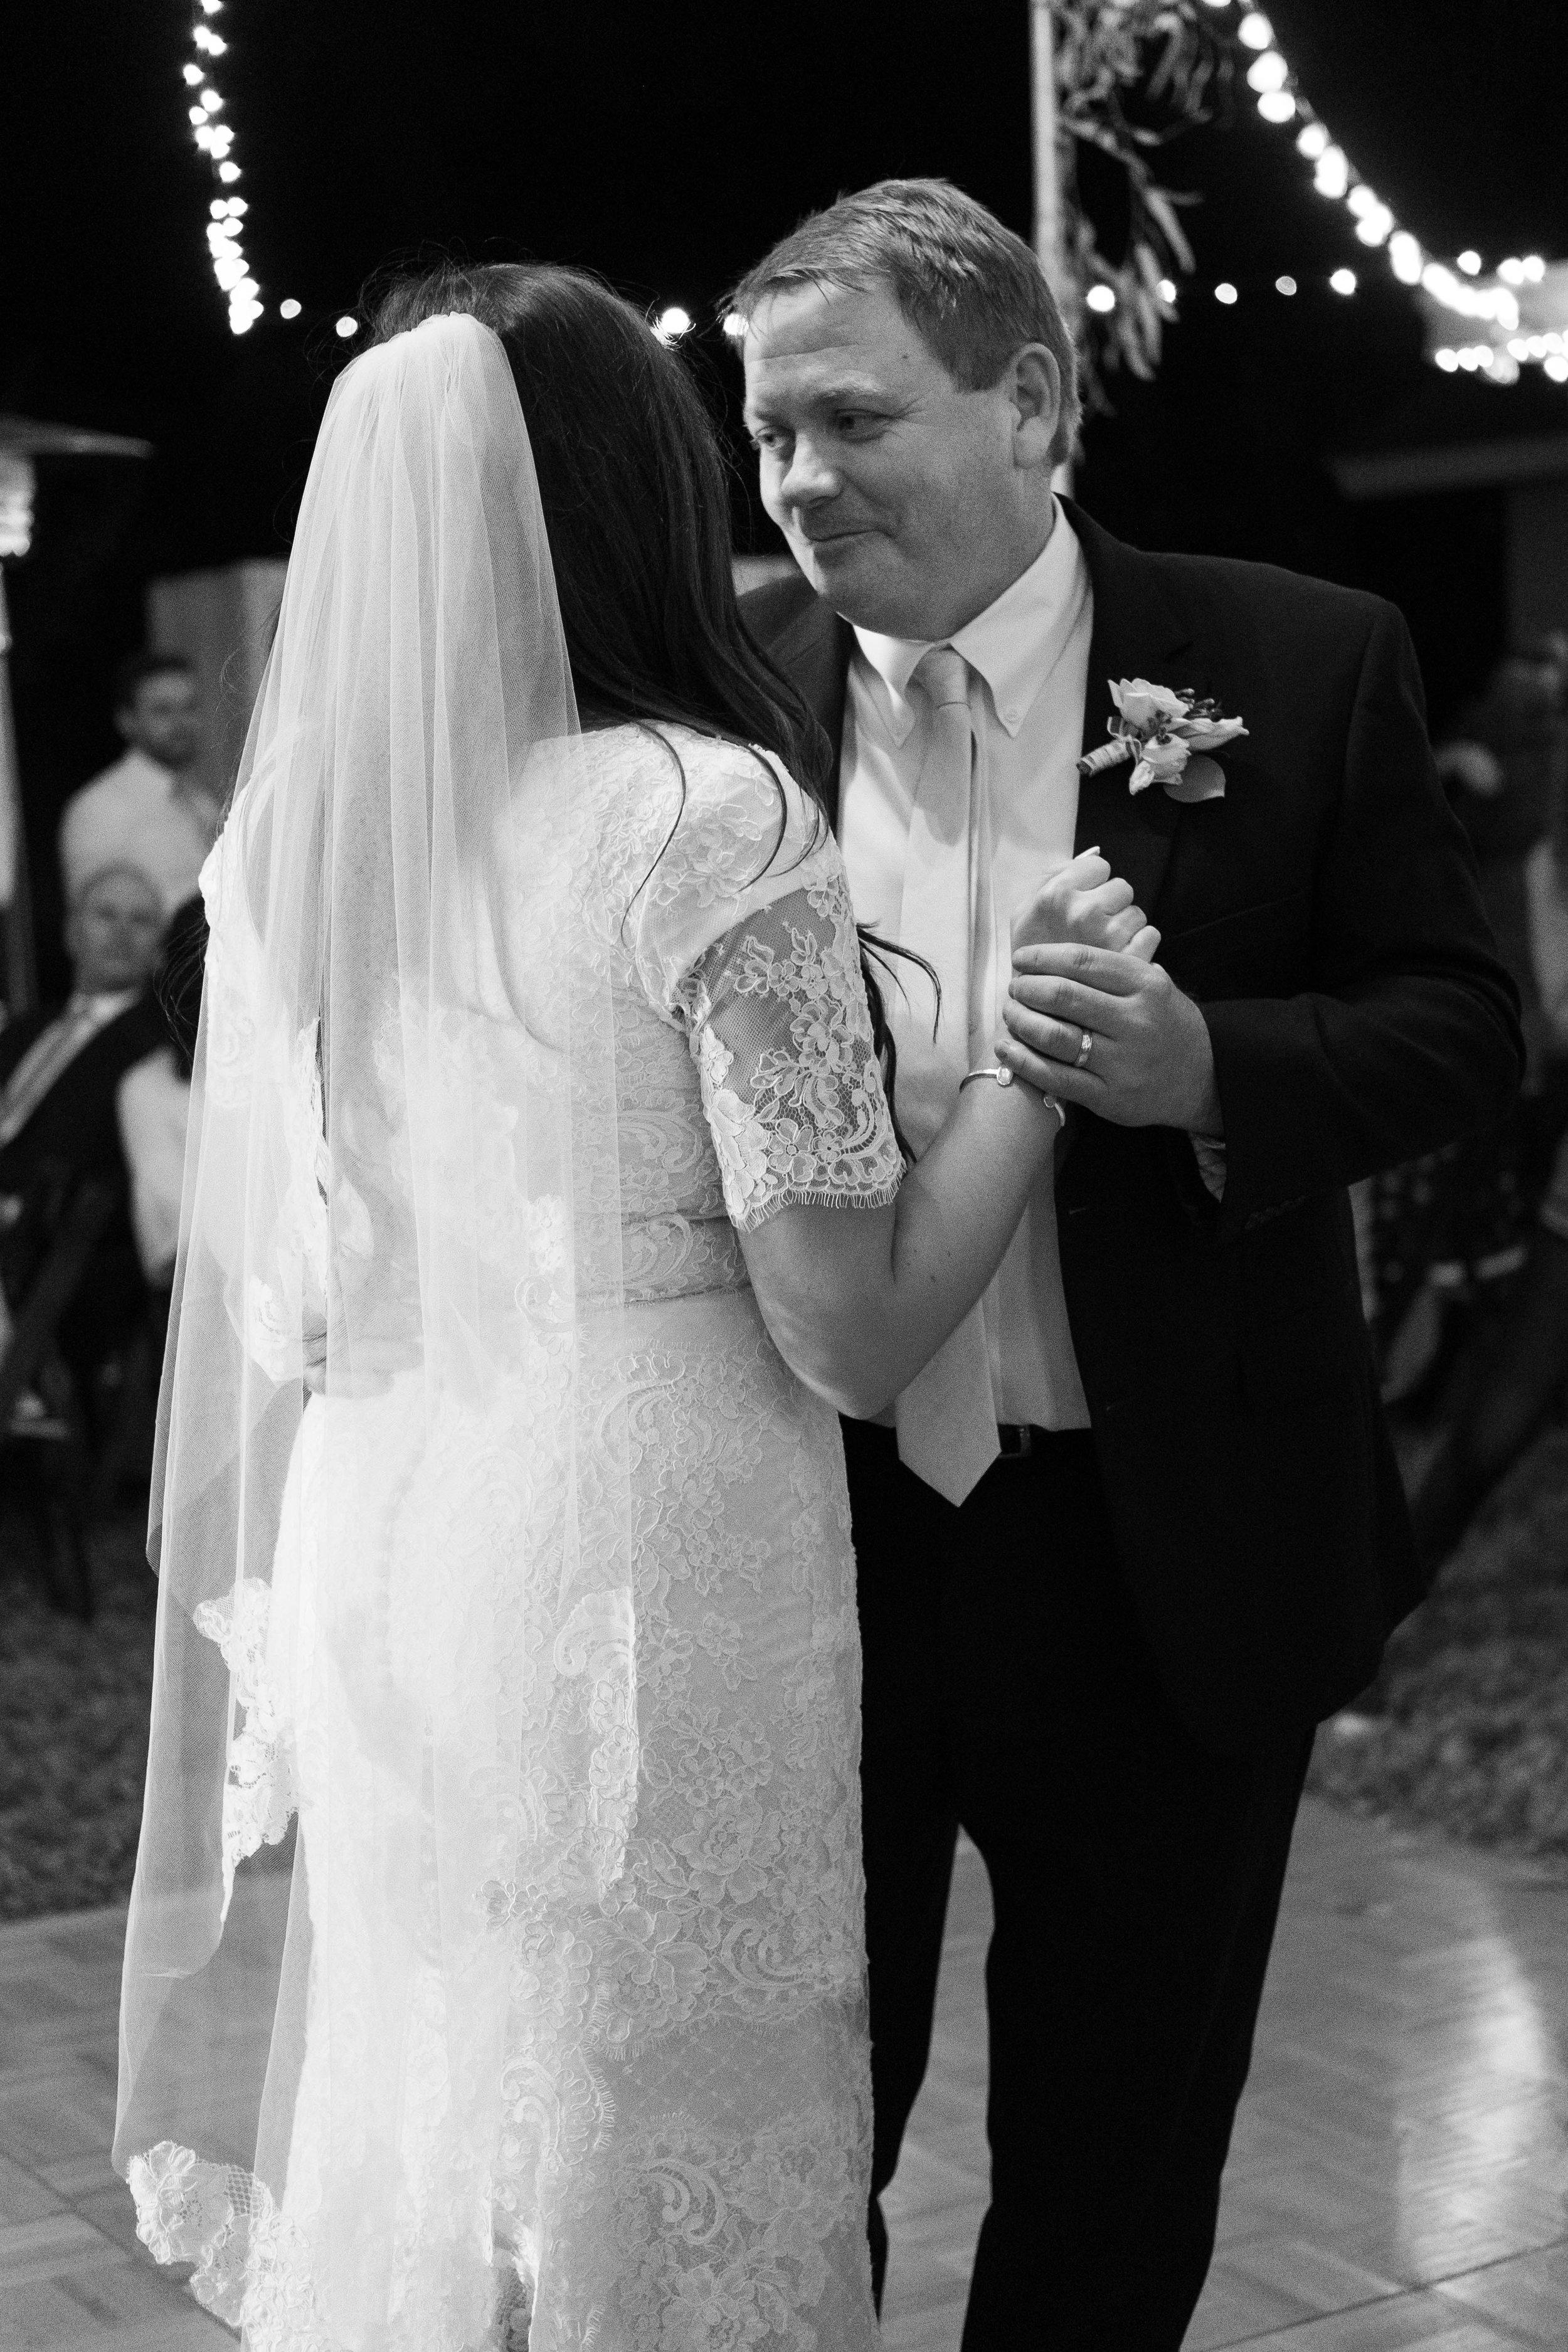 kelsandmichael_weddingphotography_coffey-278.jpg